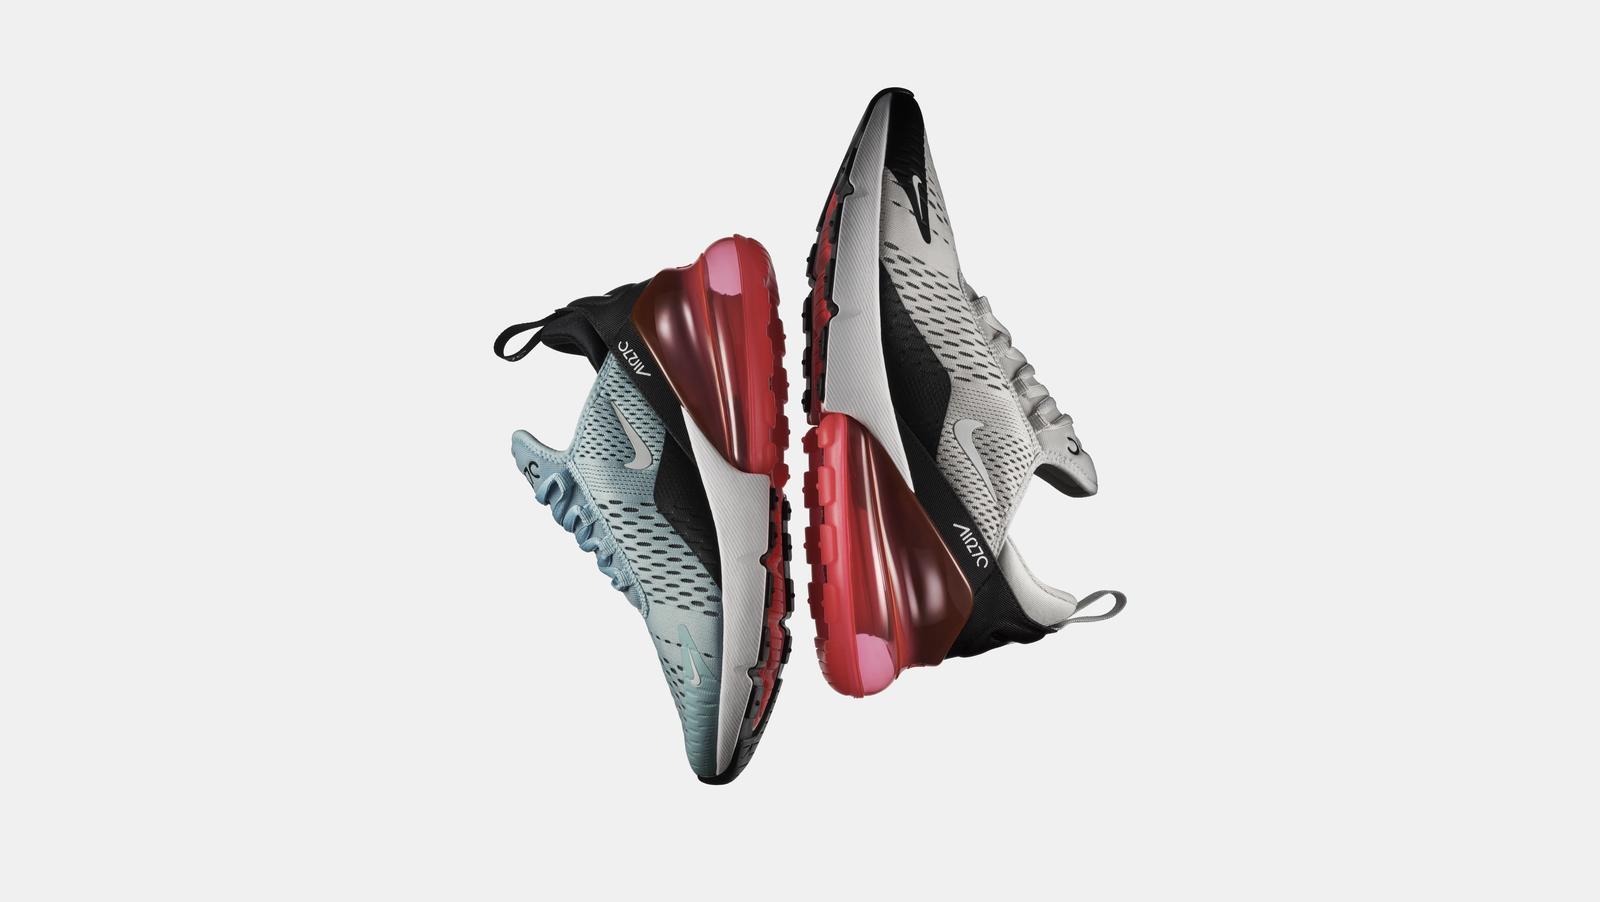 Nike Air Max 270 | Alle Infos WILLYA MagazineWILLYA Magazine